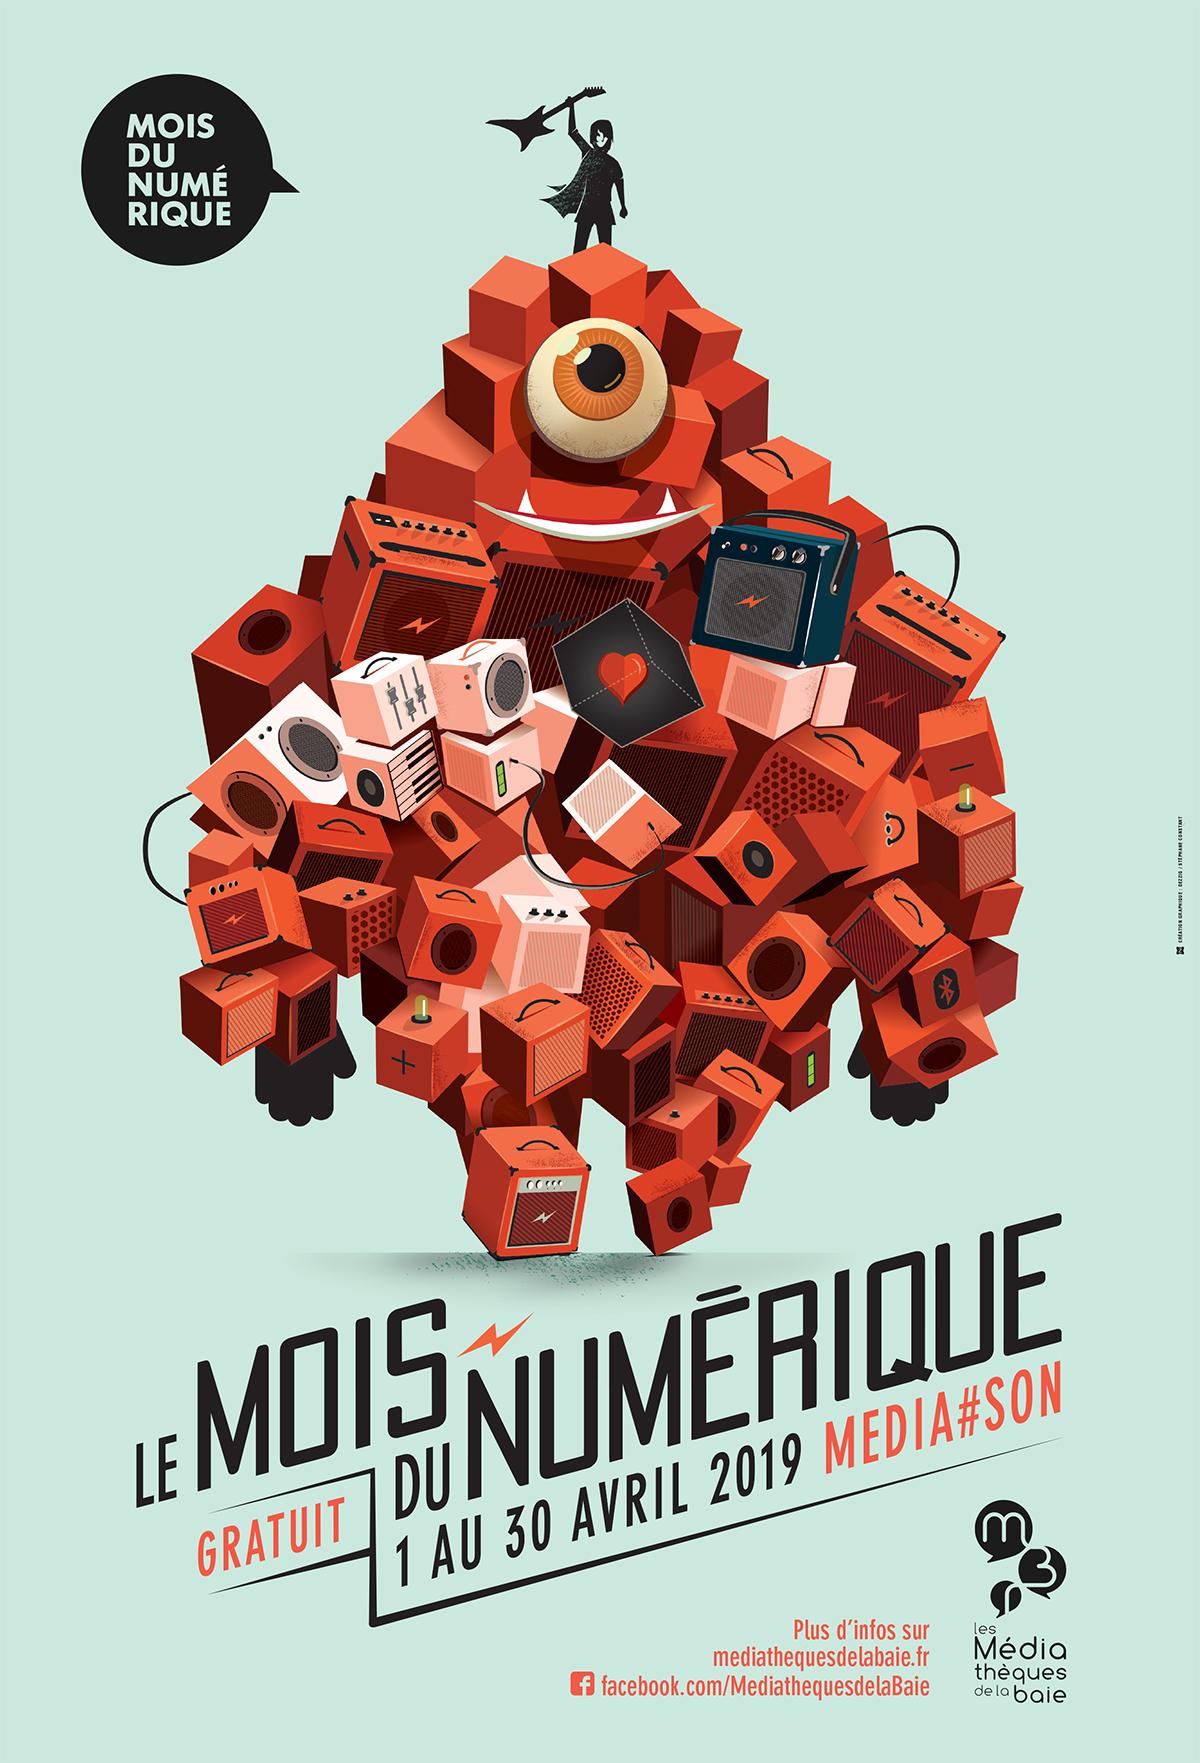 Le mois du numérique 2019 par Stéphane Constant - Dezzig